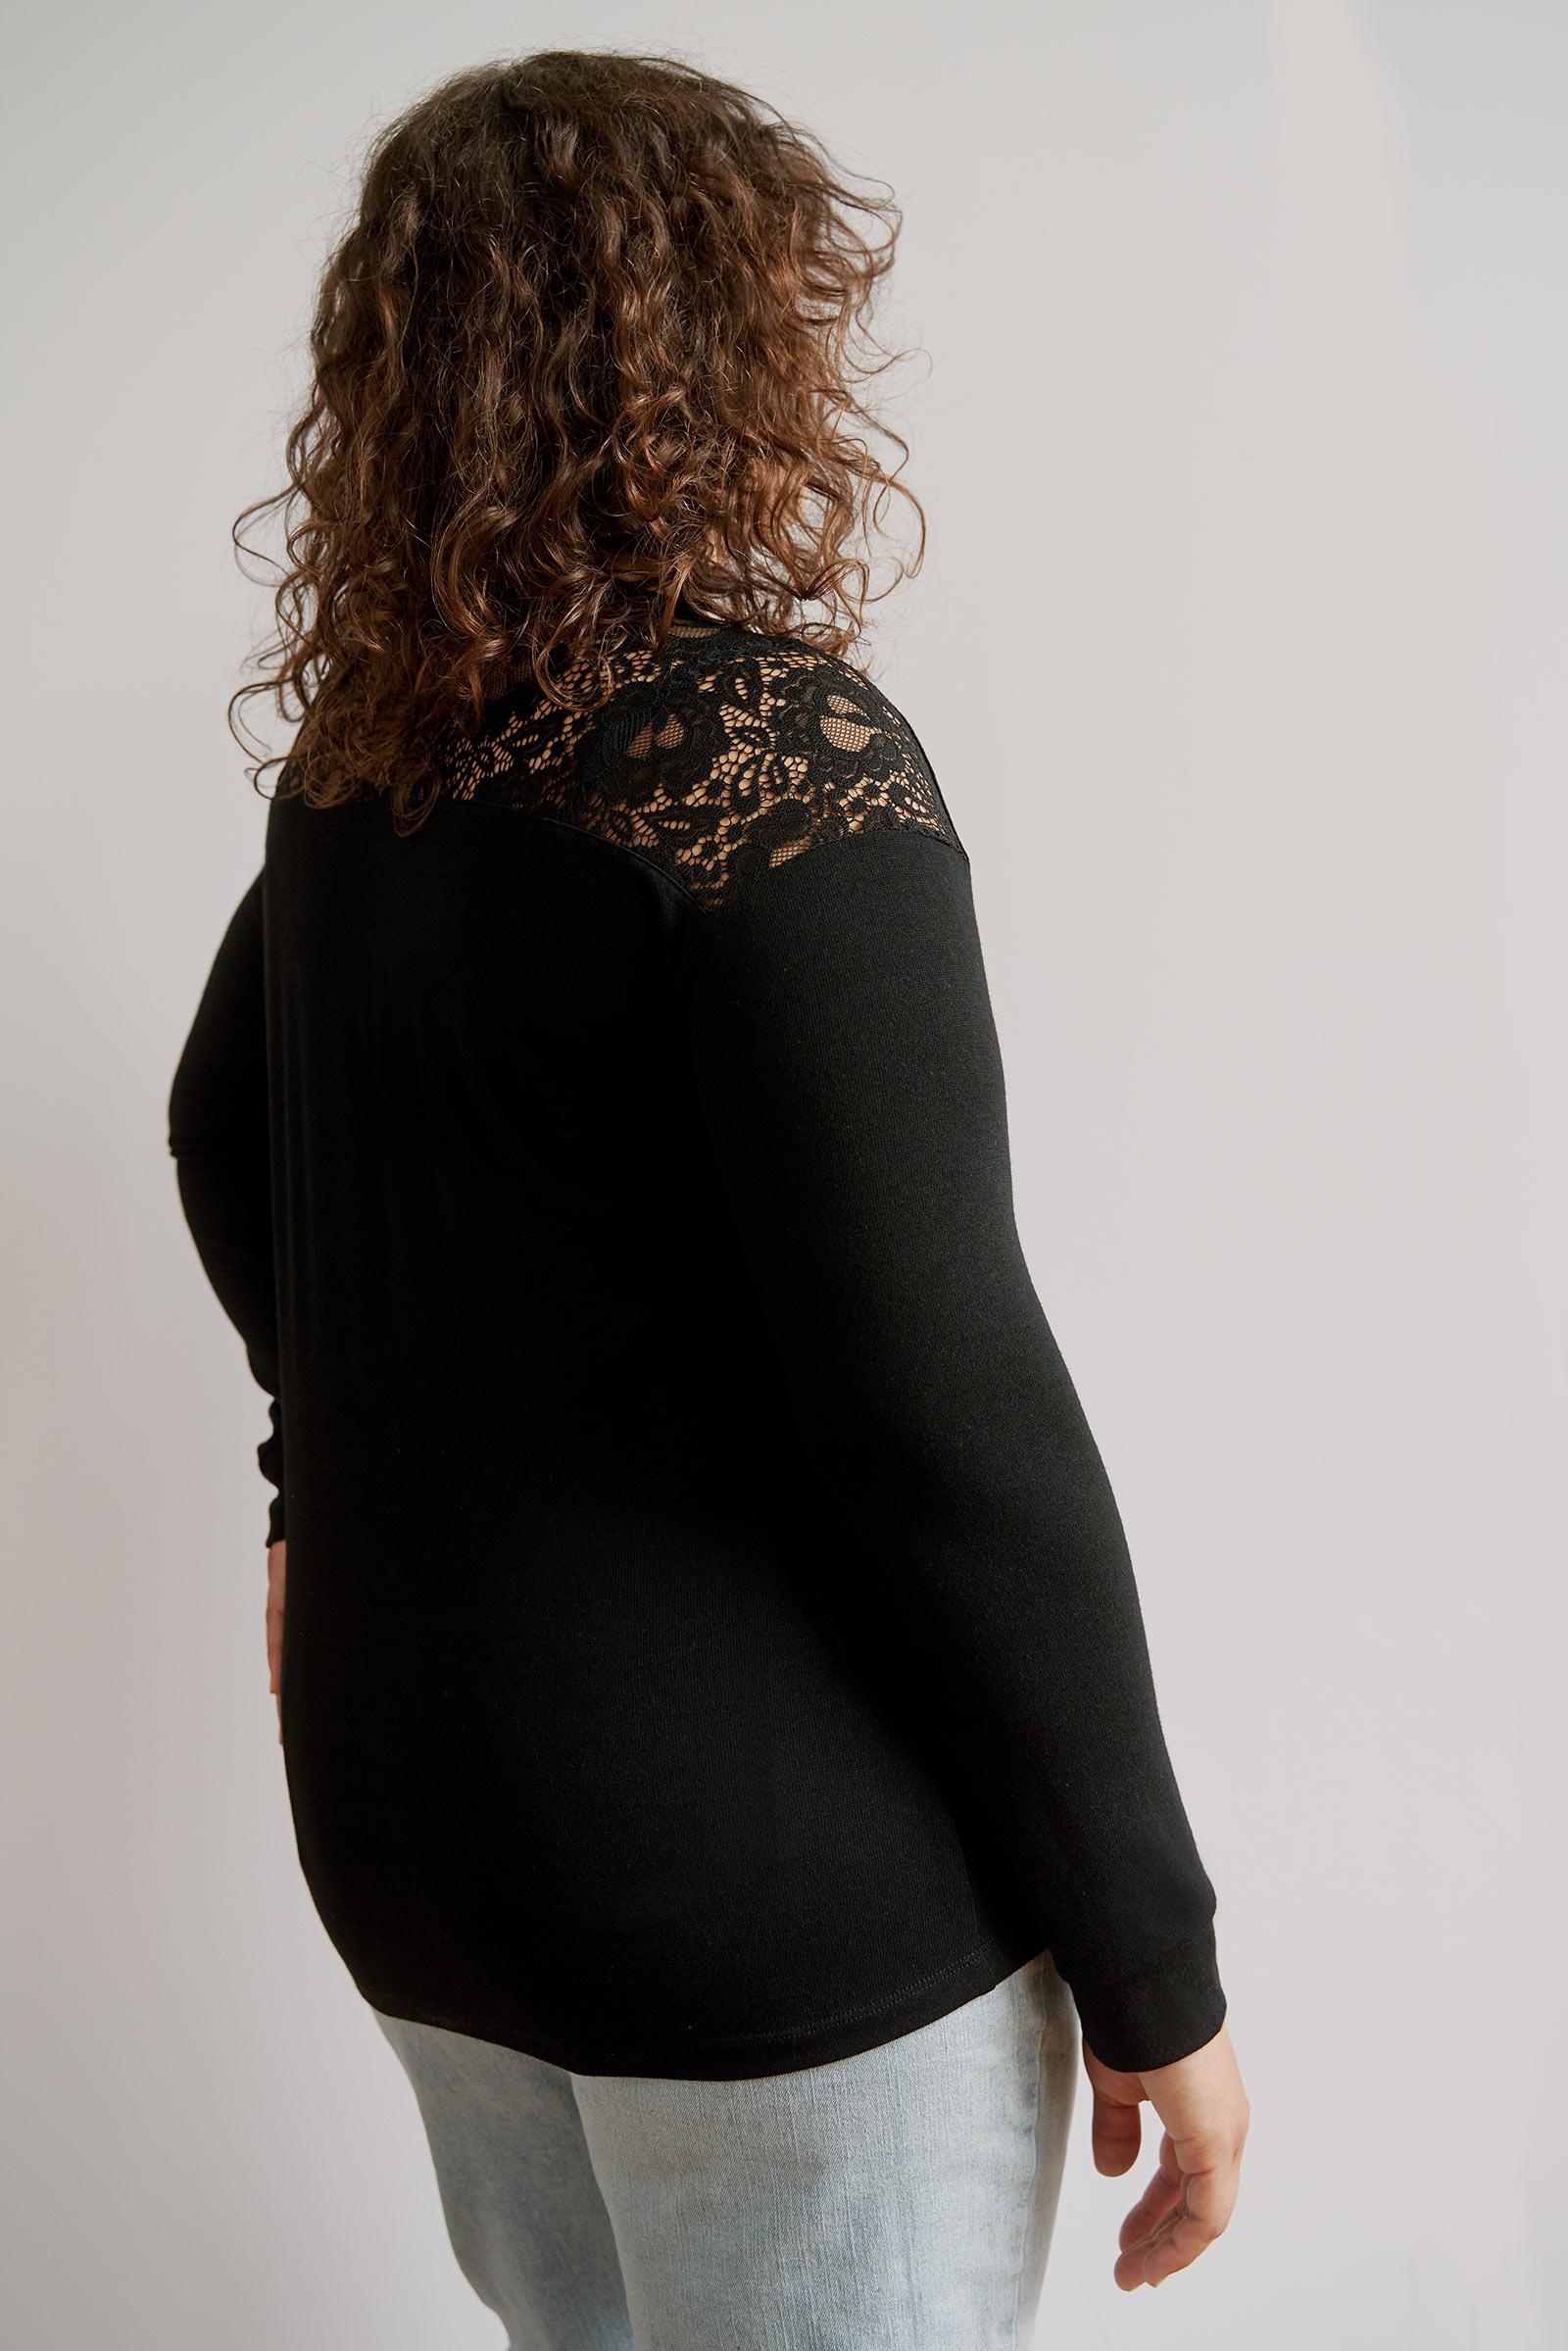 Tunic Sweater with Lace Yoke